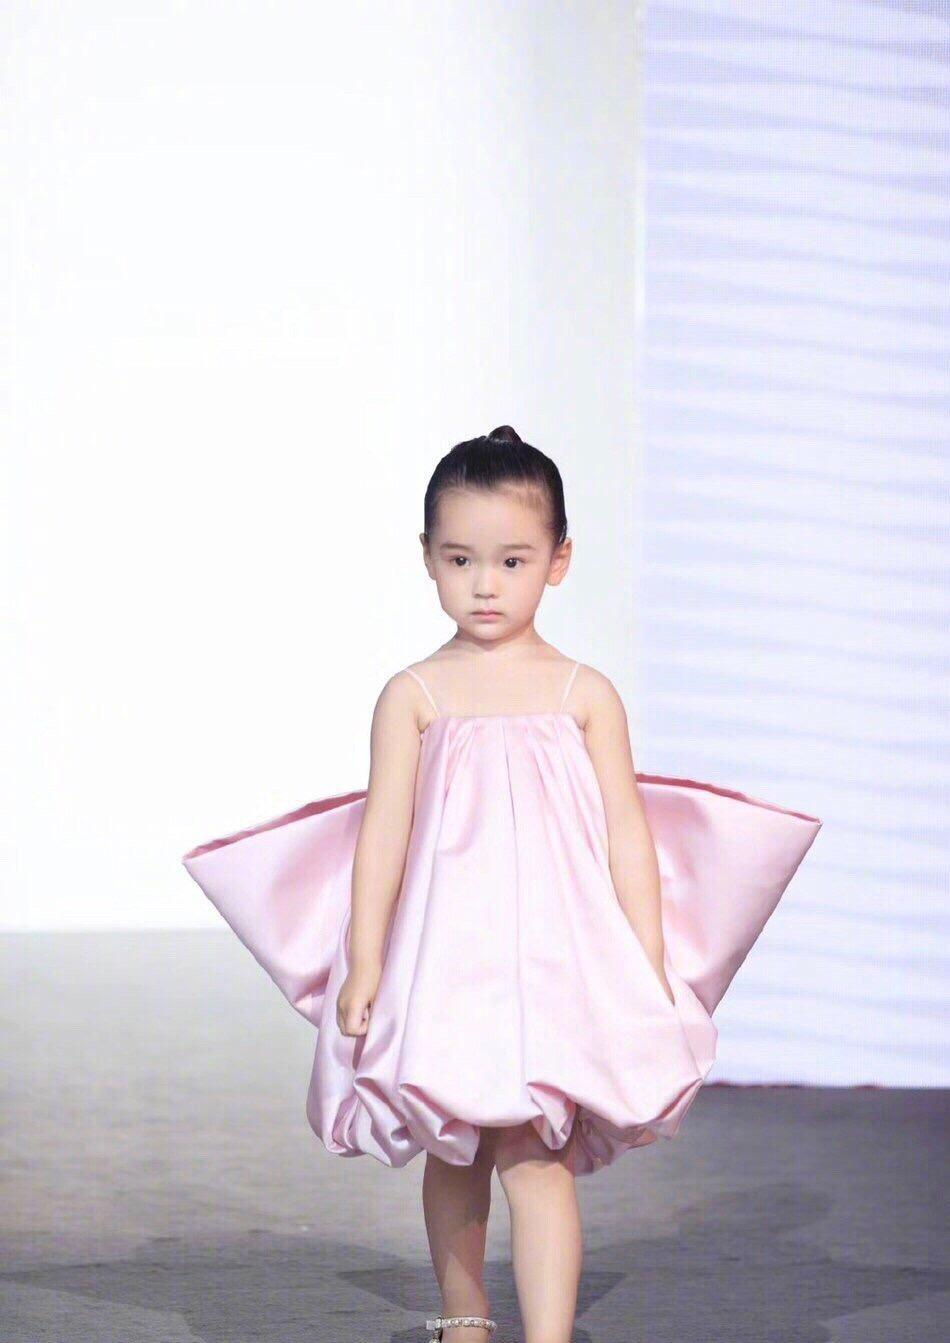 董璇3岁女儿T台走秀 被网友赞为最美星二代